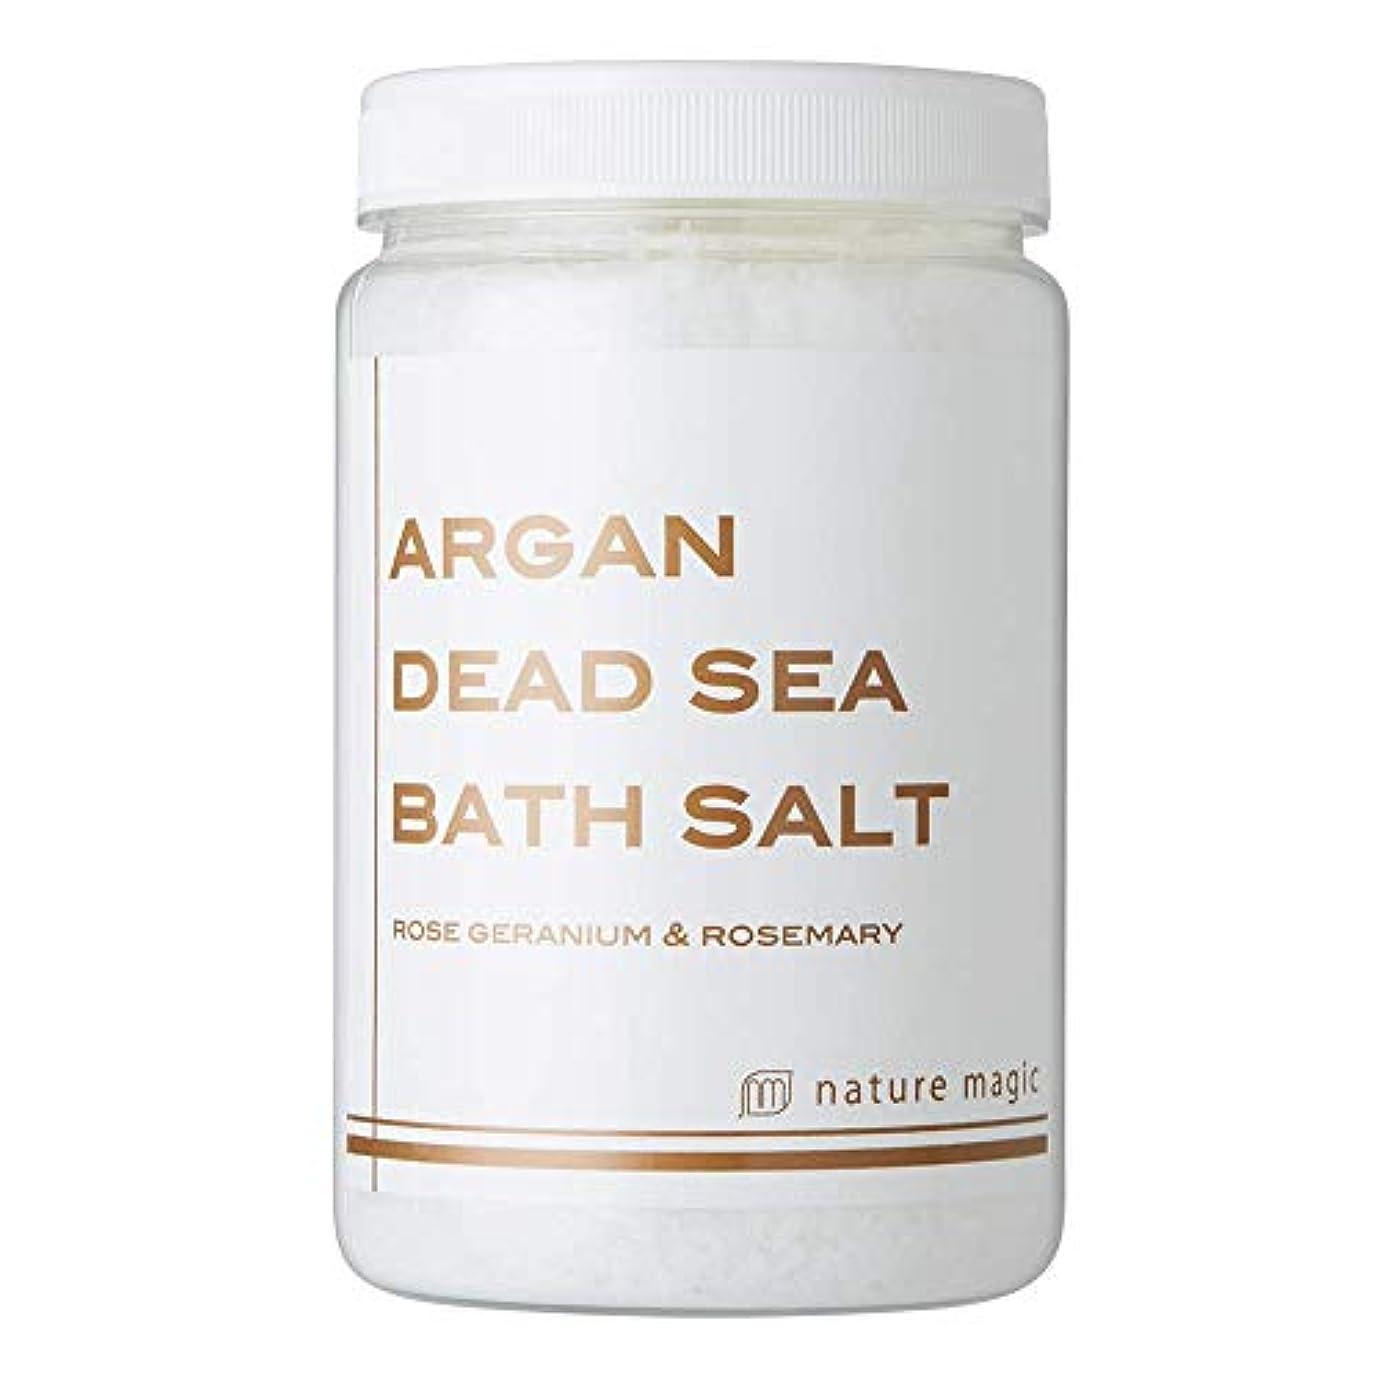 先見の明拡散する防水【死海の天然塩にアルガンオイルを配合した全身ポカポカ、お肌つるつる入浴剤】アルガンデッドシーバスソルト